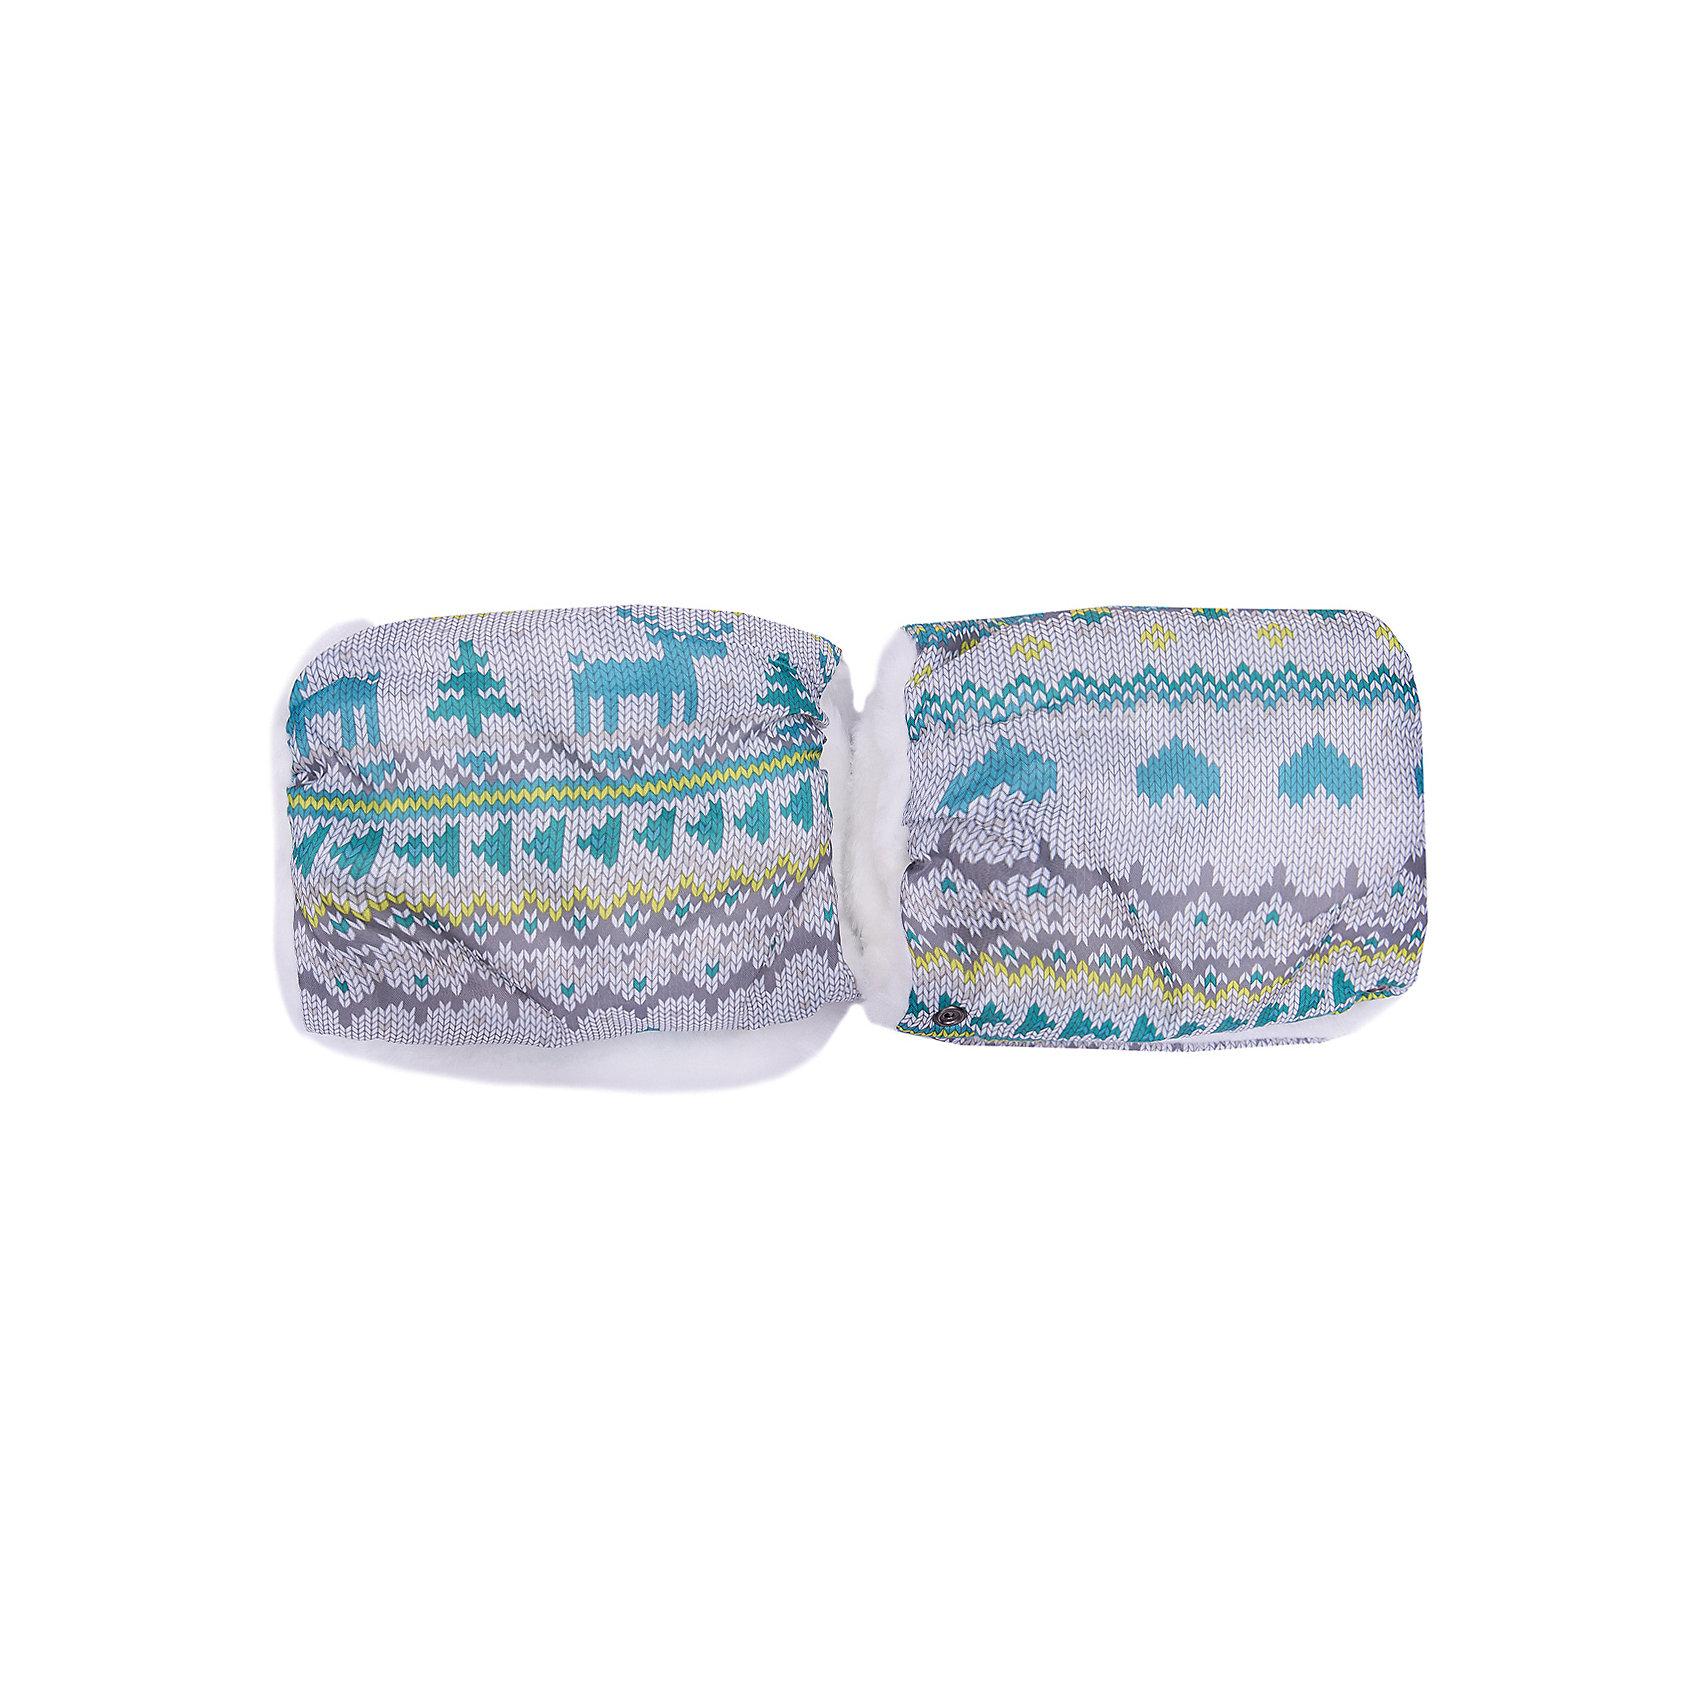 Рукавички для санок Ника РС1, принт вязаный бирюзовыйСанки-коляски<br>Рукавички для санок Ника РС1, принт вязаный бирюзовый<br><br>Рукавички на санки или коляску – незаменимый аксессуар для современной молодой мамы, который позволит сохранять руки в тепле и при этом в случае необходимости быстро поправить ребенку матрасик на саночках, шапочку или рукавички.<br>В рукавичках Ваших руки будут в тепле во время морозных и ветреных прогулок с малышом.<br>Рукавички можно использовать в санках и колясках, они удобно и легко крепится на ручке.<br>Для изготовления данного аксессуара используется ткань Оксфорд с водоотталкивающей пропиткой, утепленная искусственным мехом.<br><br>Рукавички для санок Ника РС1, принт вязаный бирюзовый, можно купить в нашем интернет магазине.<br><br>Ширина мм: 9999<br>Глубина мм: 9999<br>Высота мм: 9999<br>Вес г: 0<br>Возраст от месяцев: 12<br>Возраст до месяцев: 48<br>Пол: Унисекс<br>Возраст: Детский<br>SKU: 7120398